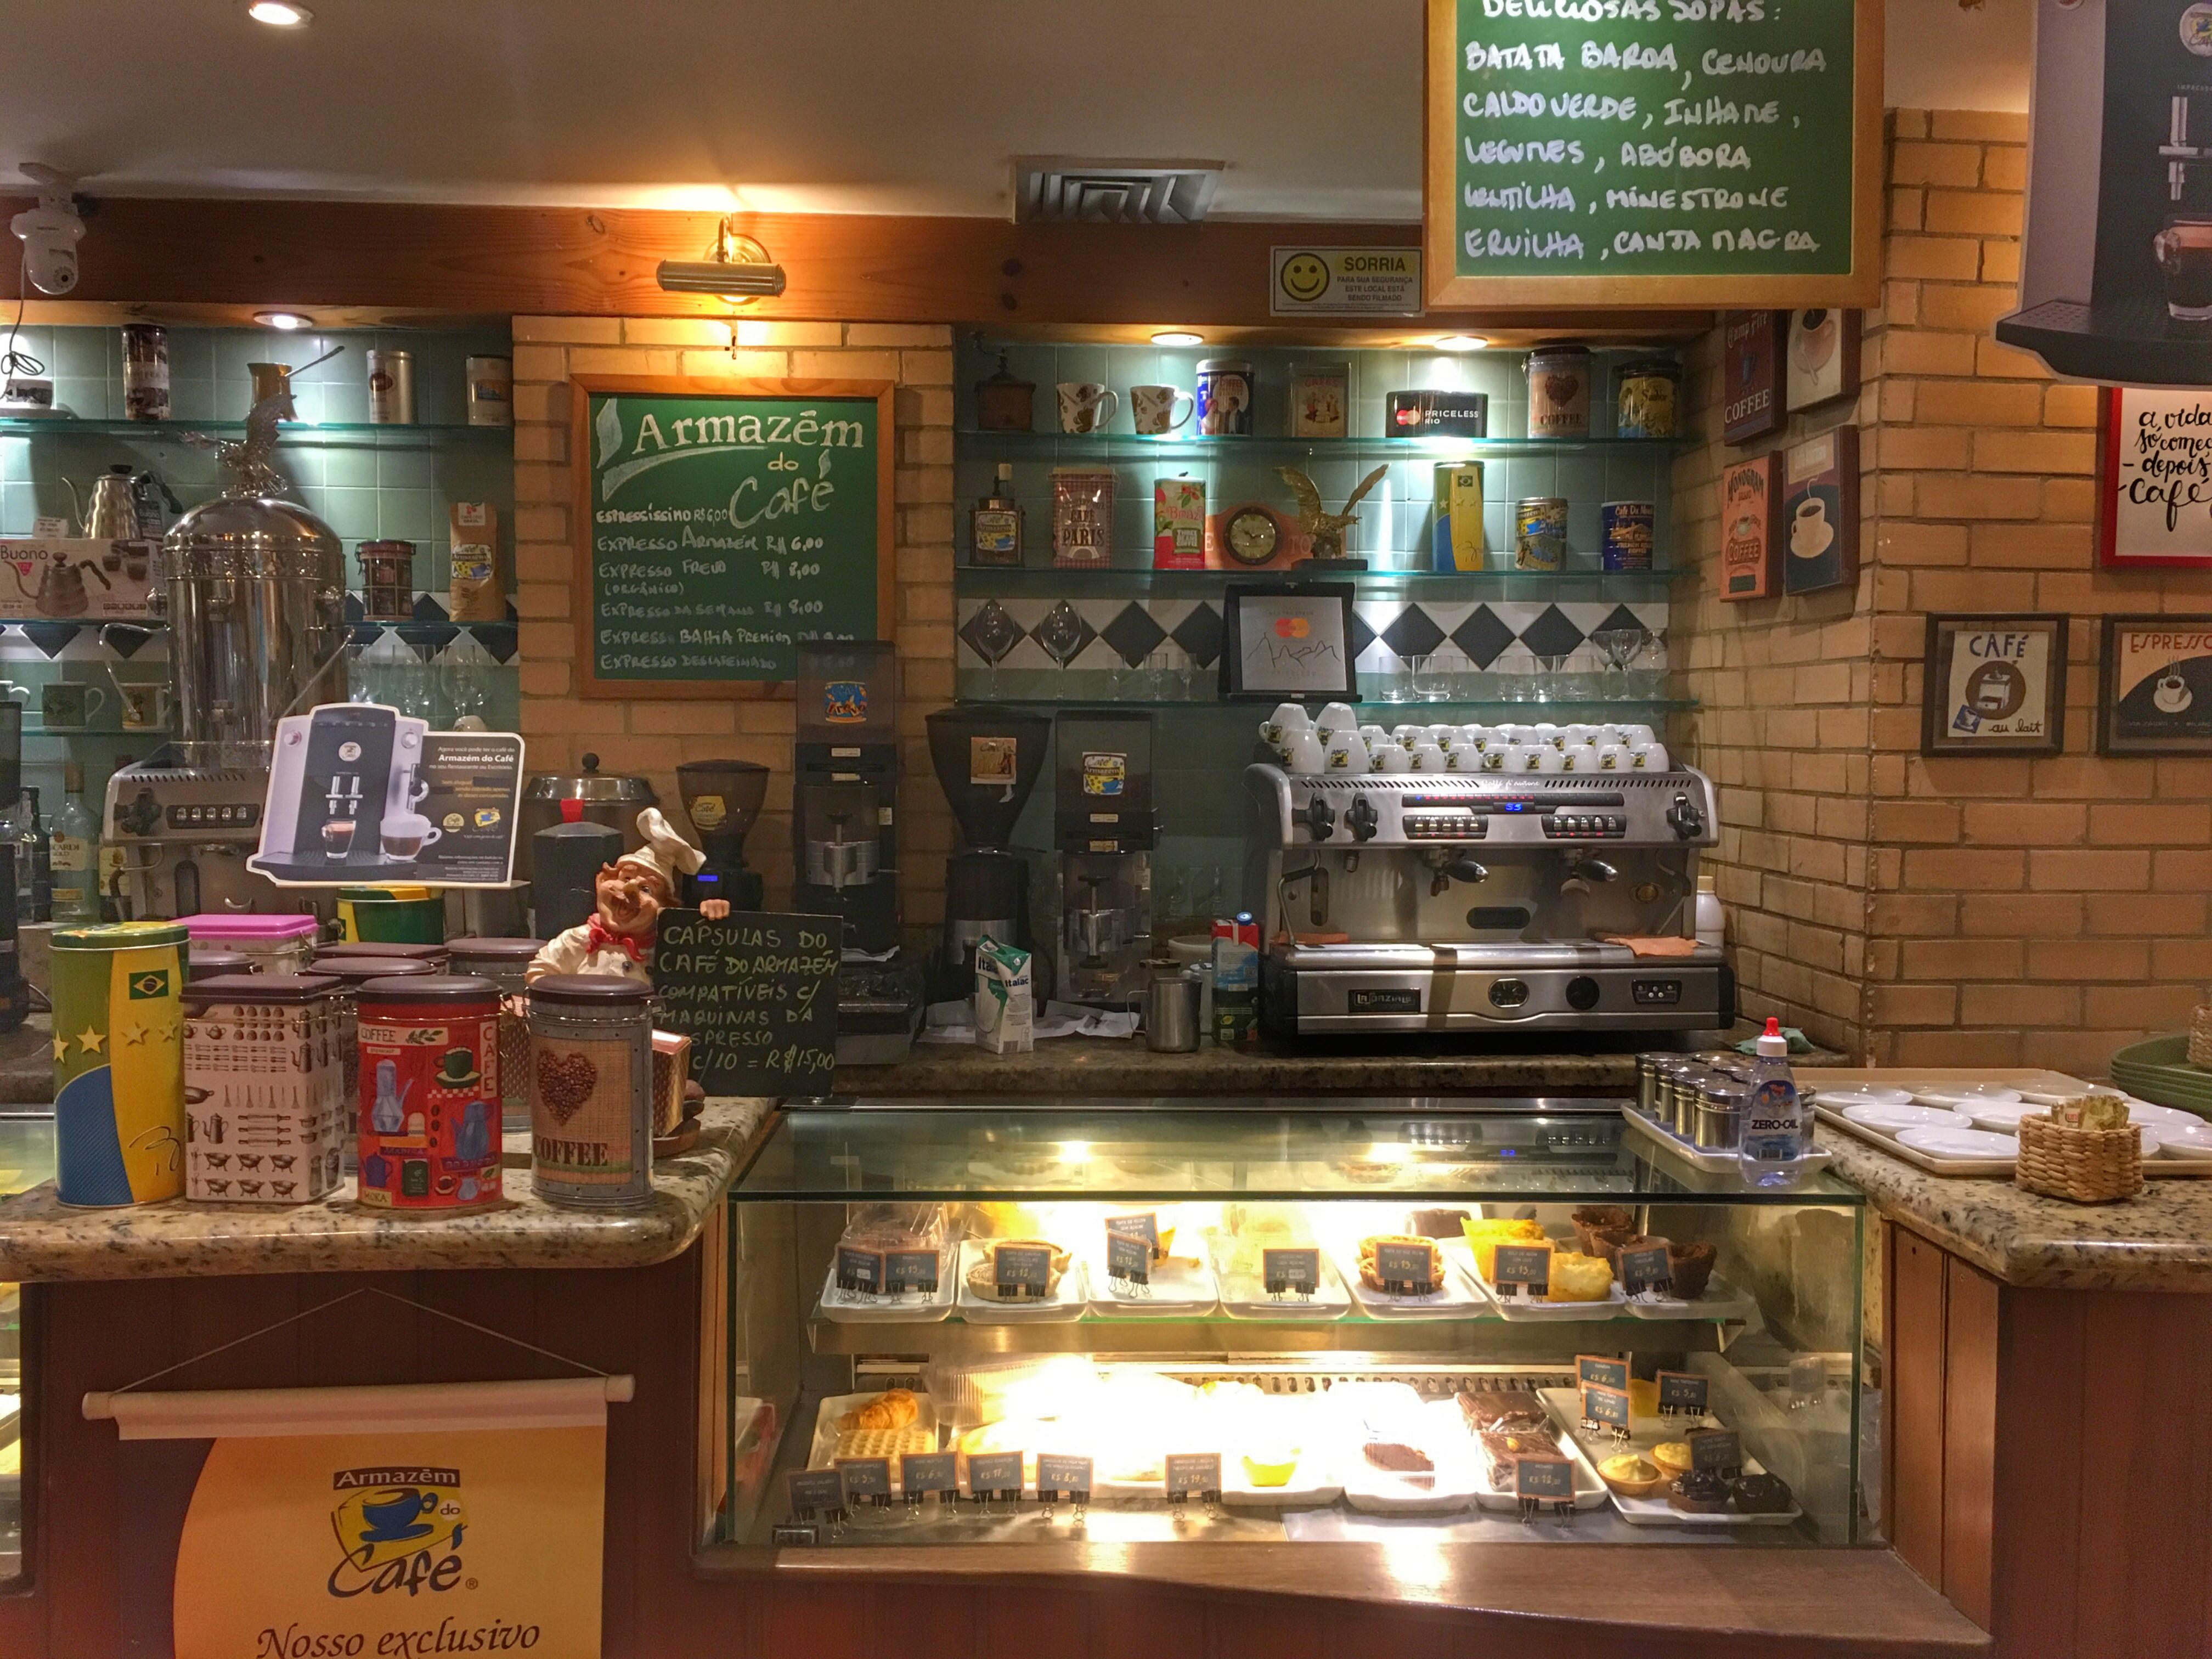 armazem-do-cafe